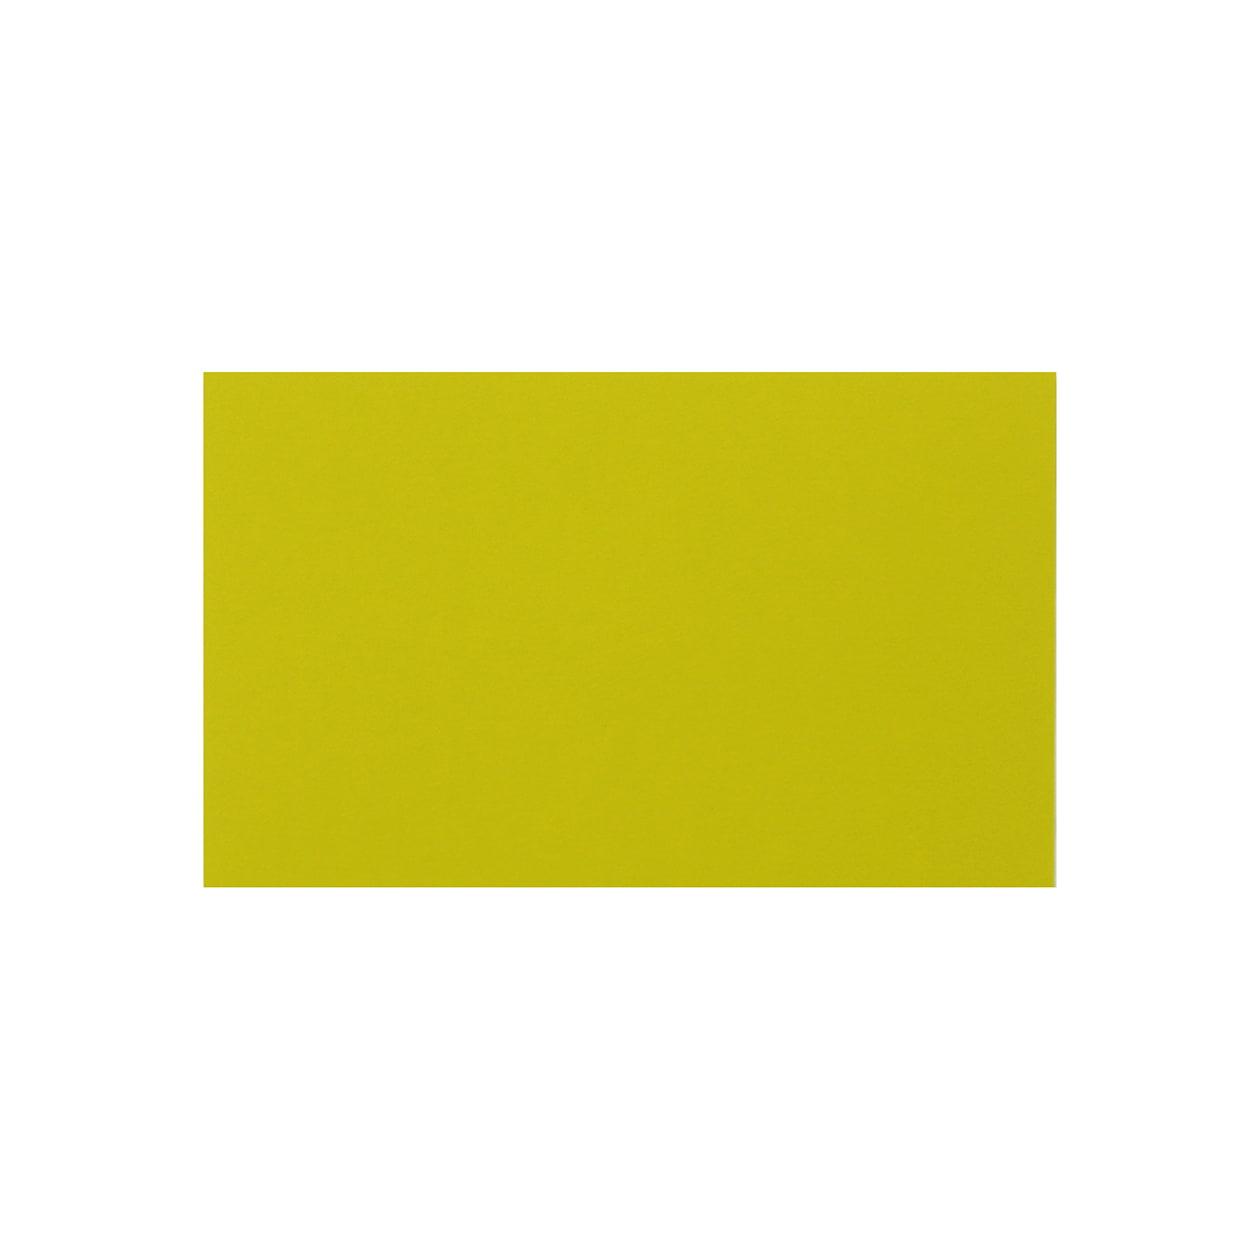 サンプル カード・シート 00358